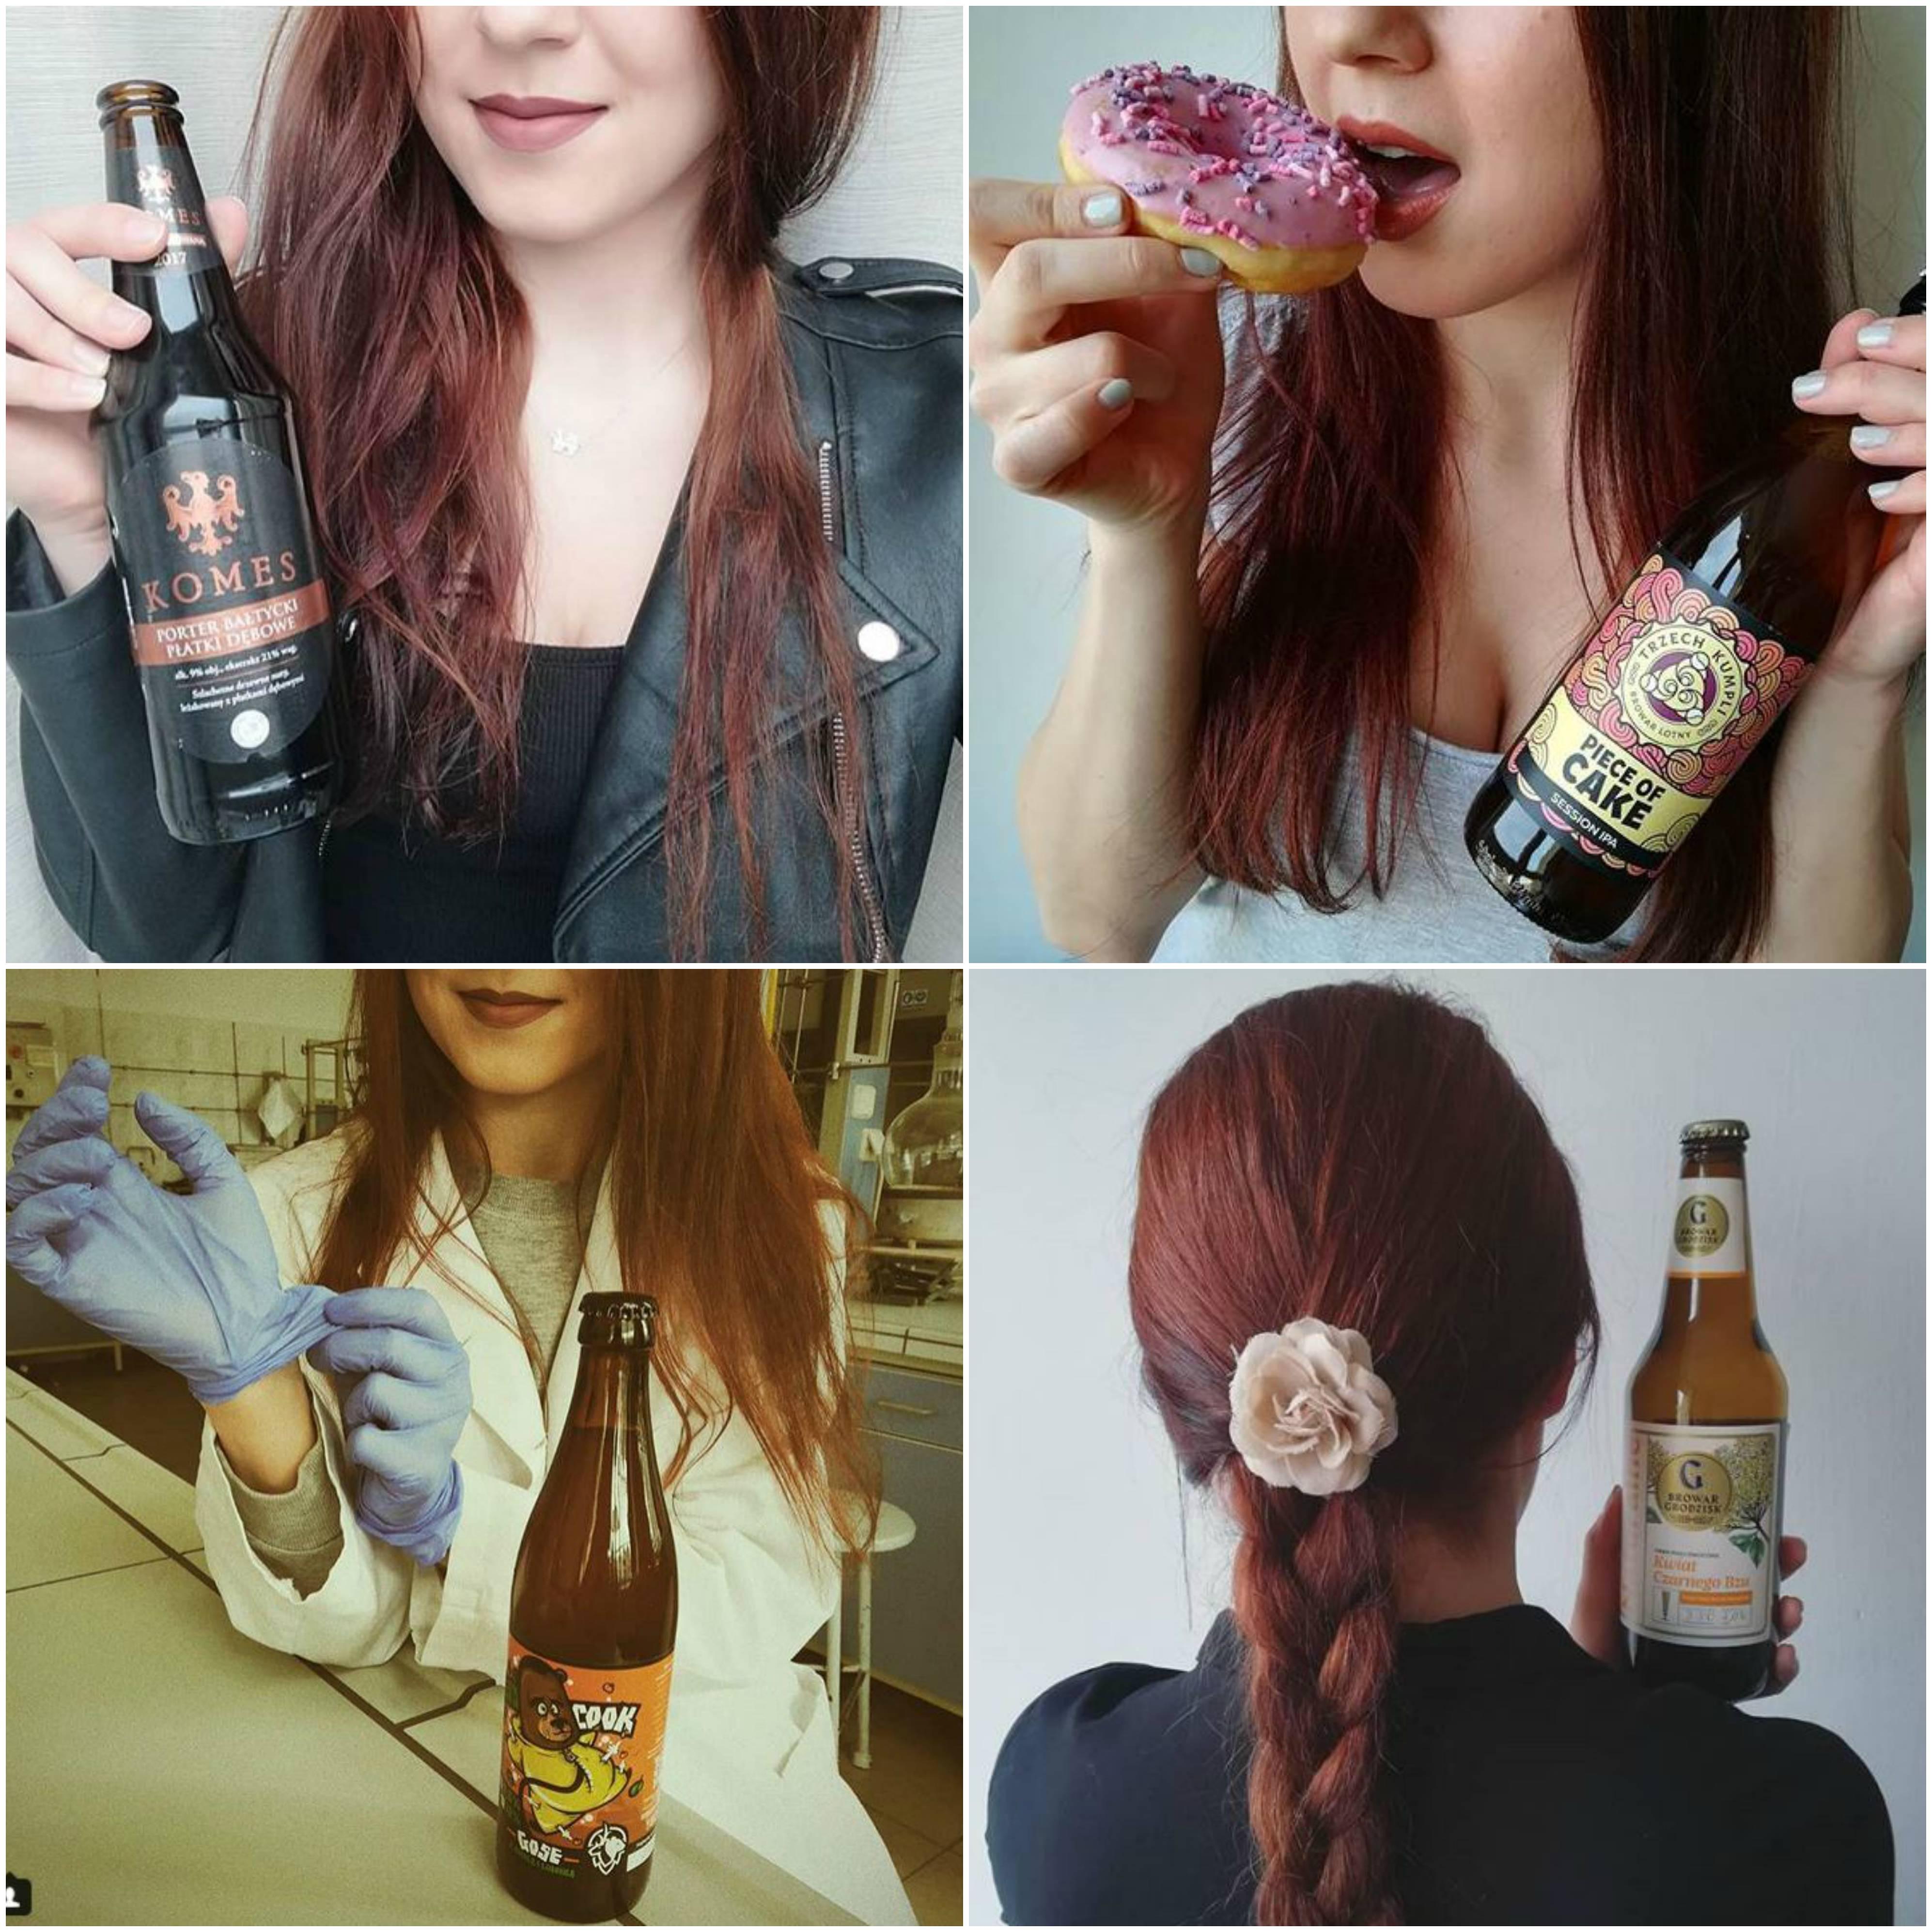 dziewczyna_z_piwem na Instagramie